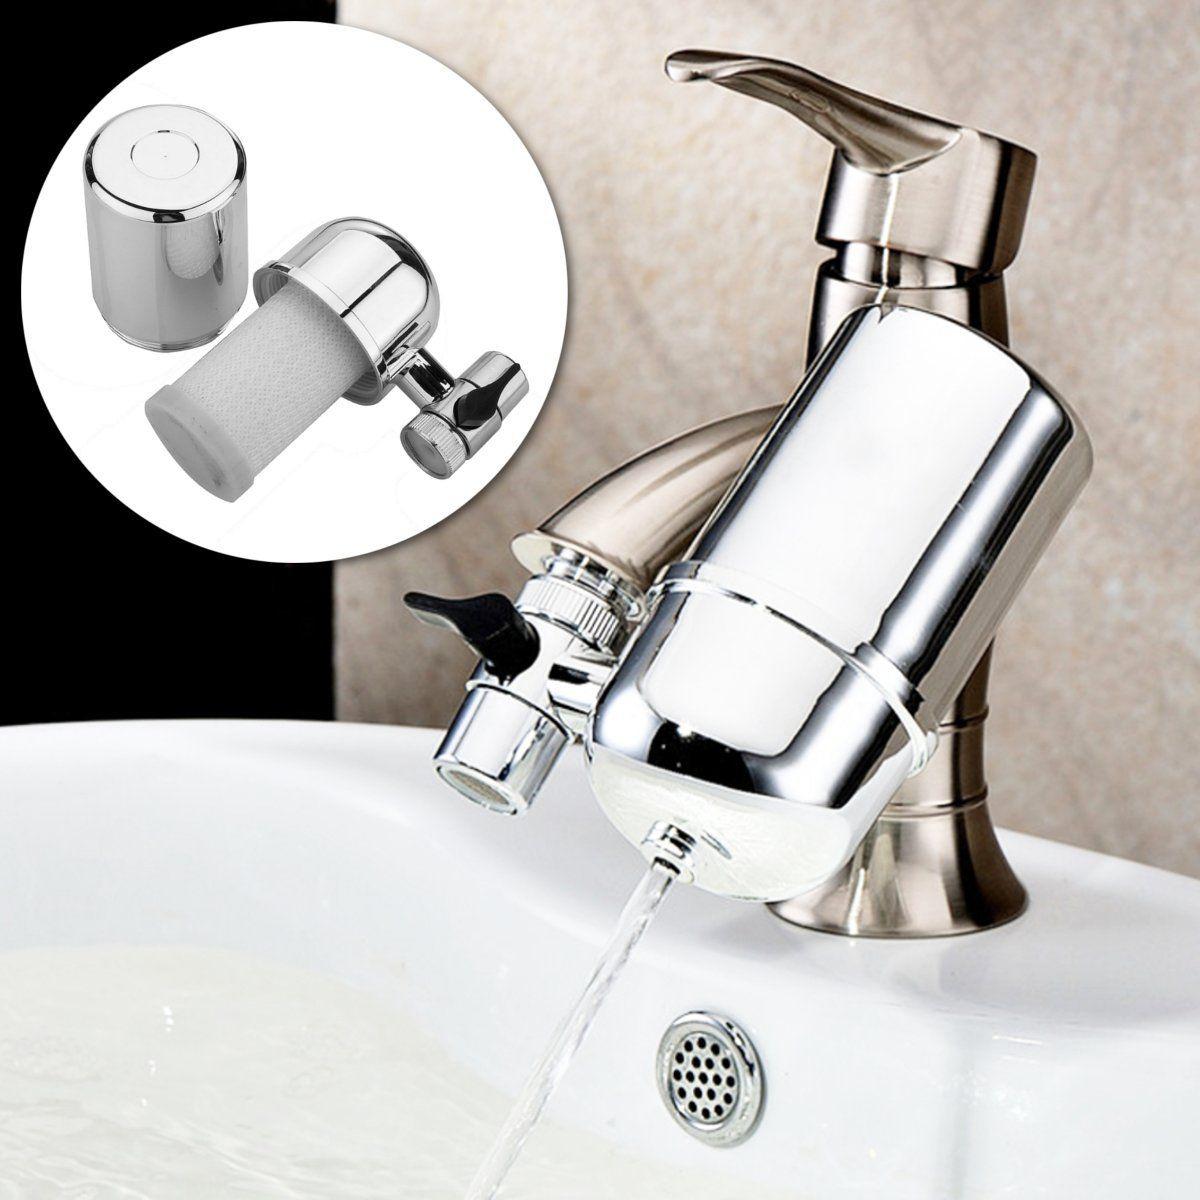 Bathroom Kitchen Water Filter Faucet Water Ionier Remove Water Contaminants Alkaline Tap Water Water Filter Faucet Filters